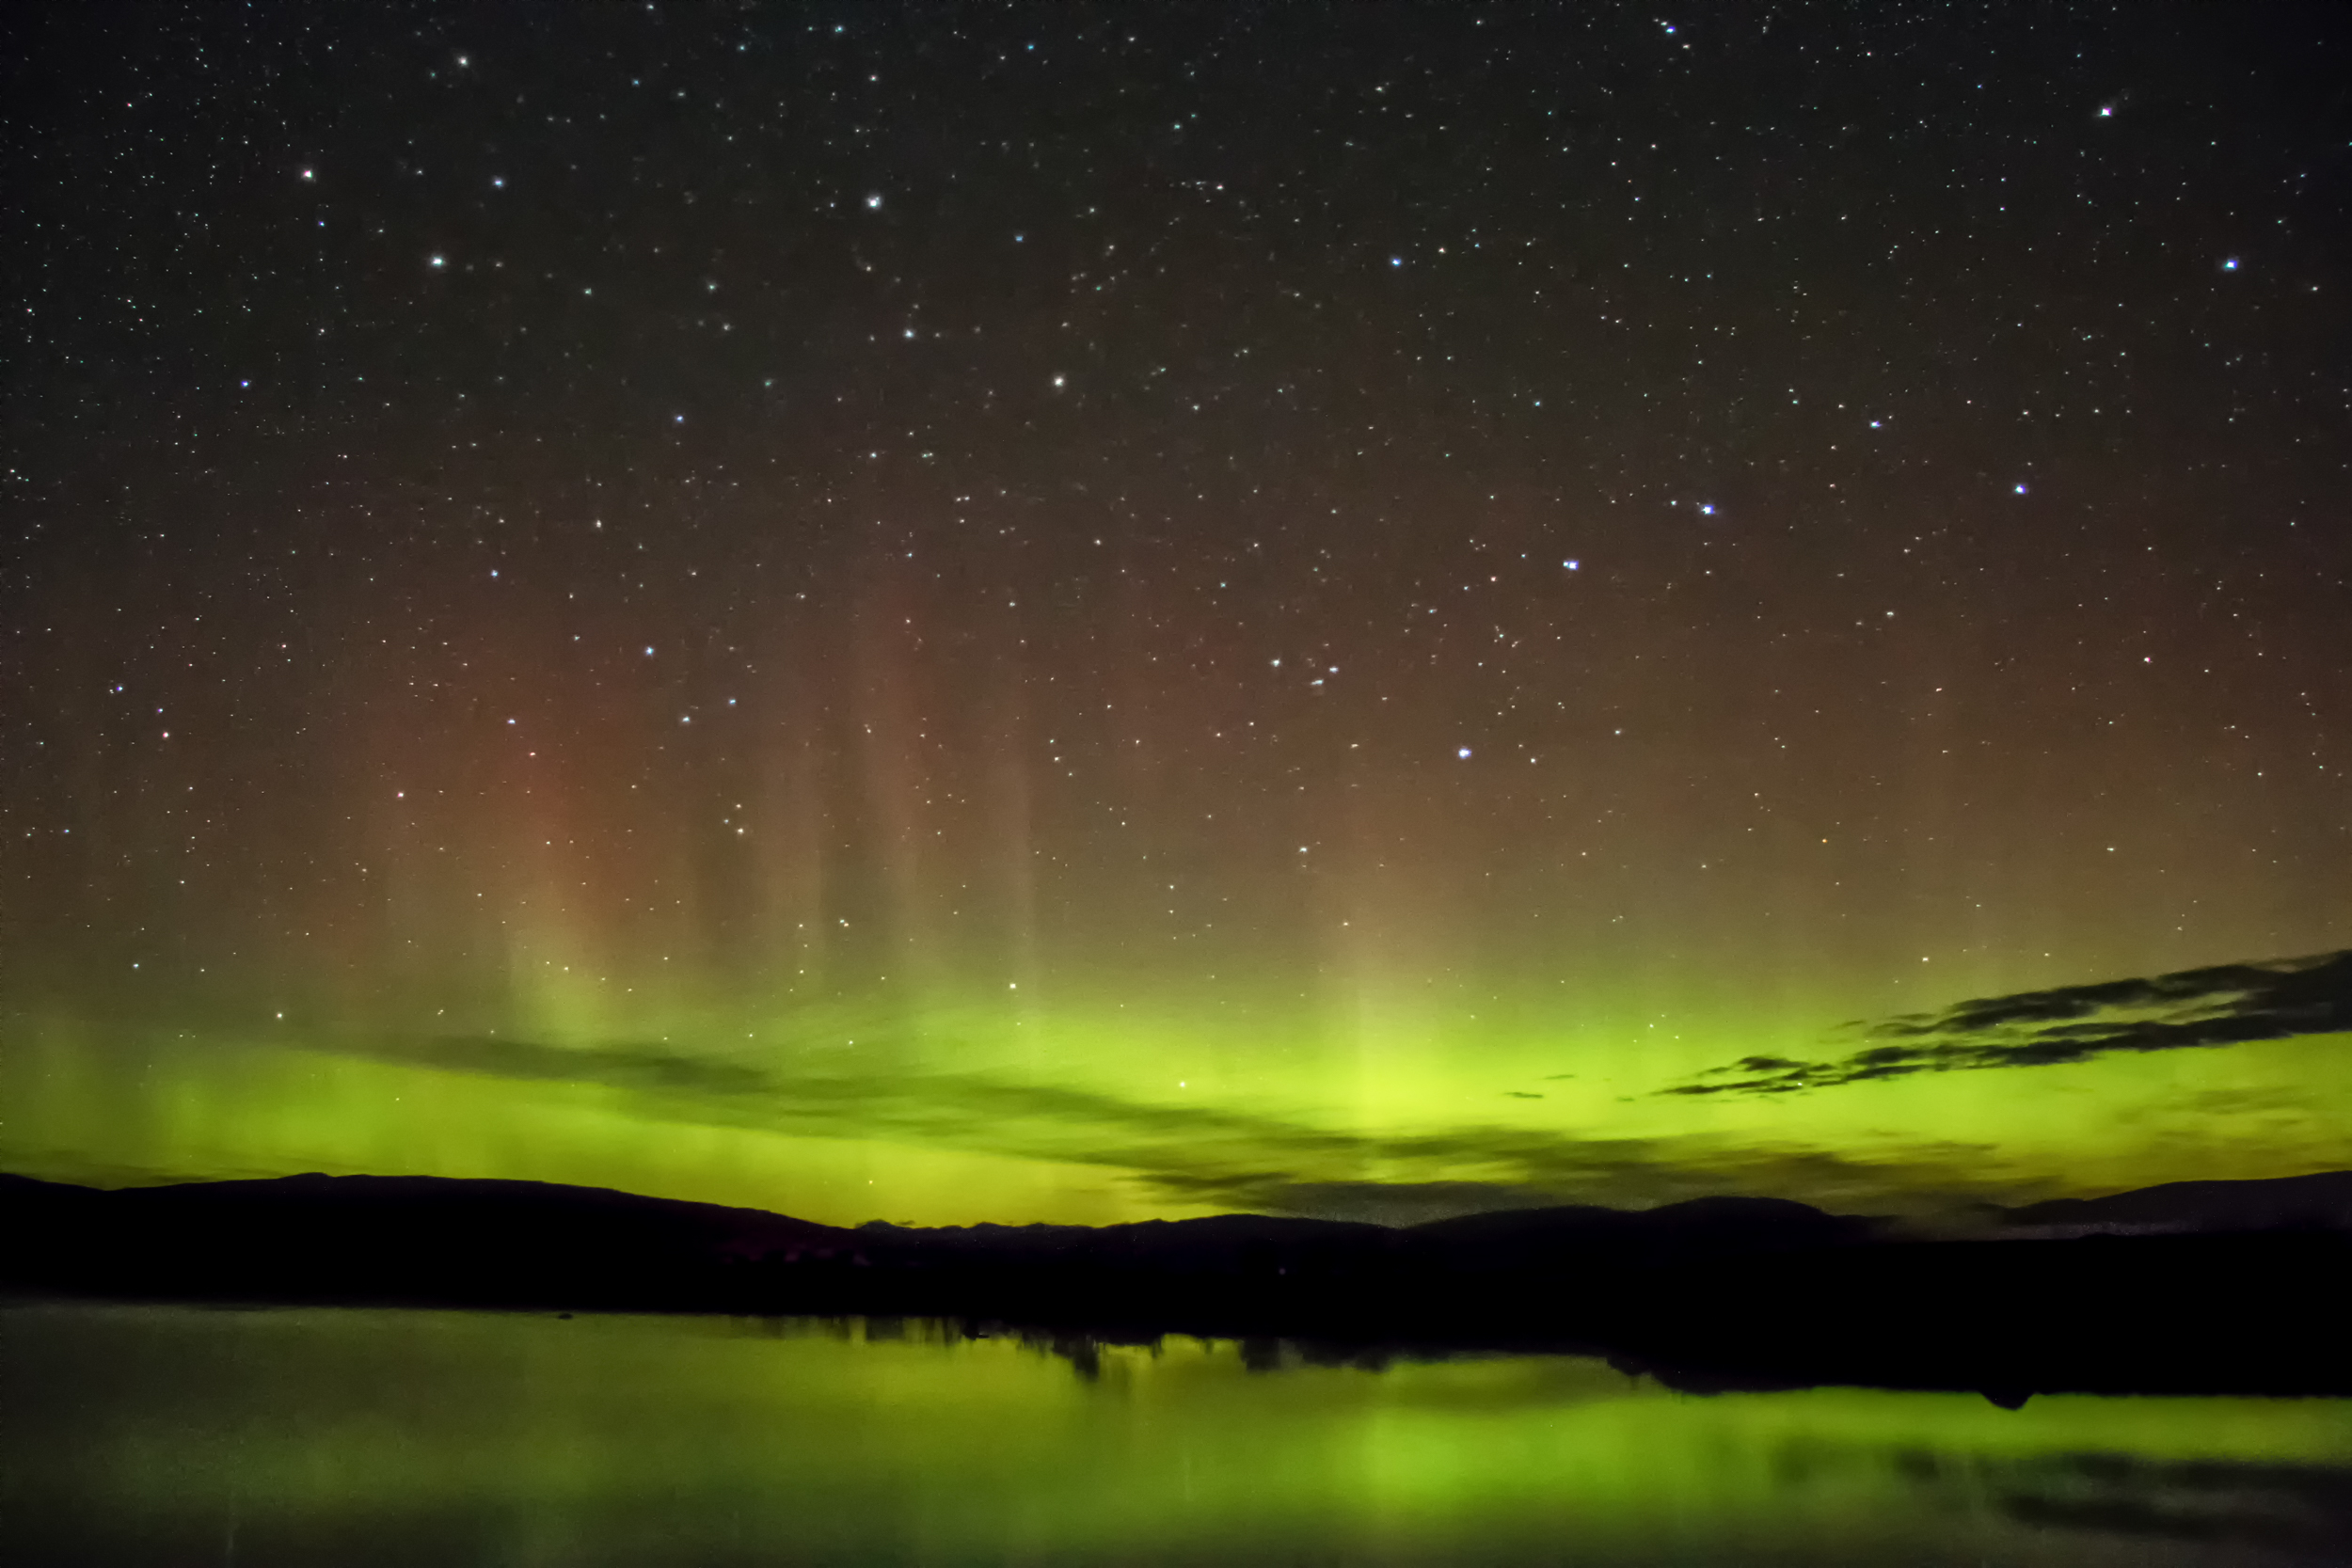 A faint aurora over a loch in Scotland